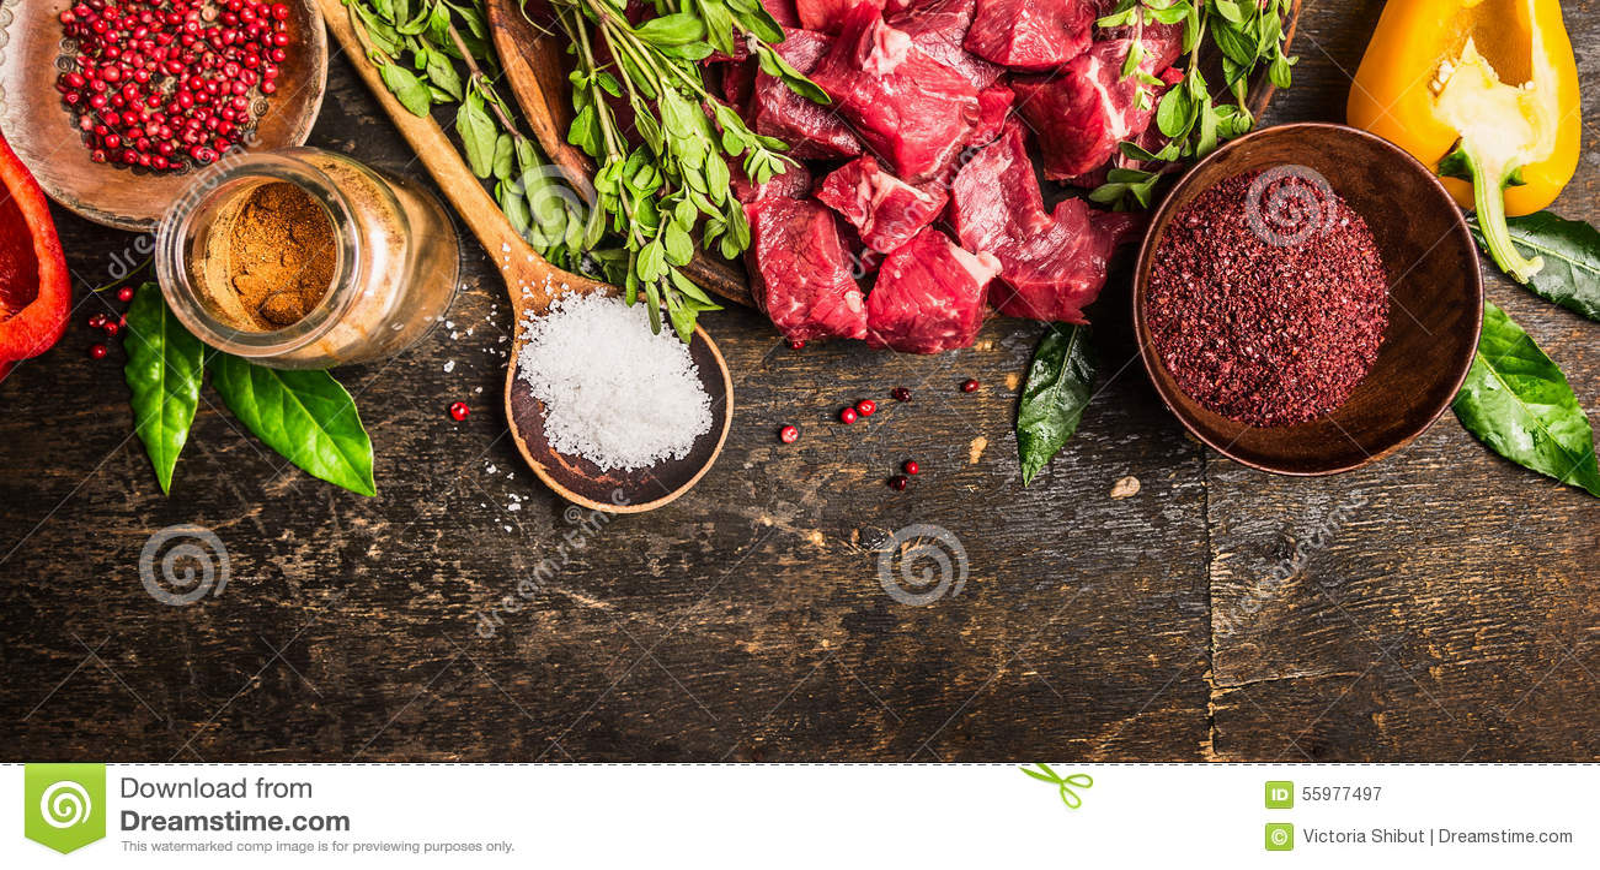 Ingrédients pour la cuisson de goulache ou de ragoût : viande crue, herbes, épices, légumes et cuillère de sel sur le fond en boi